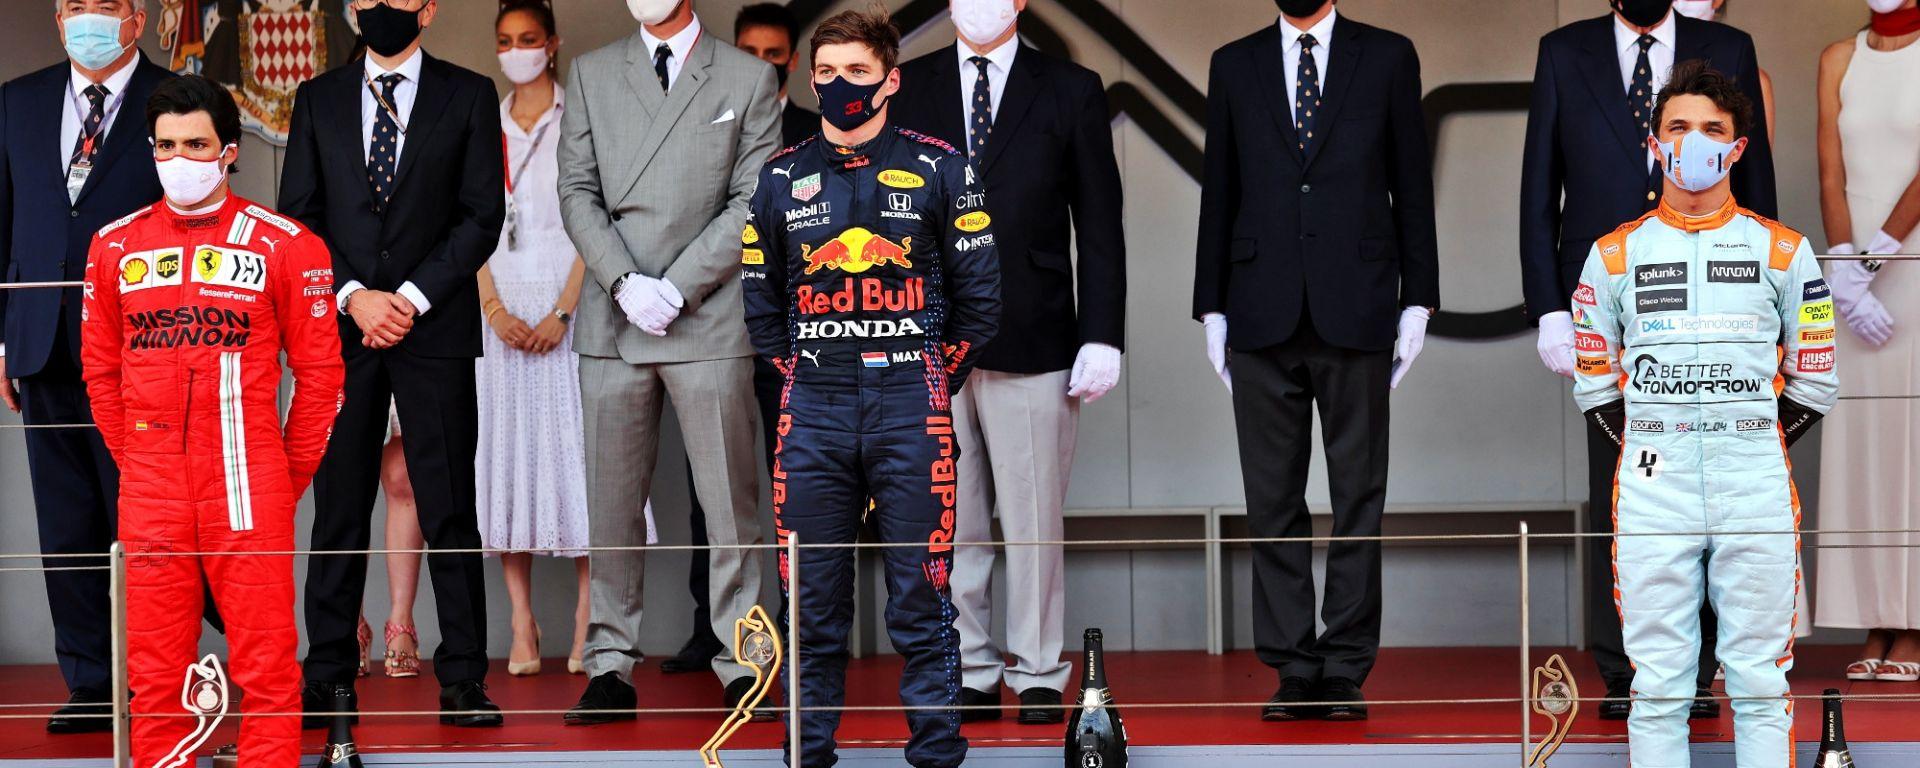 F1 GP Monaco 2021, Monte Carlo: il podio con Carlos Sainz (Ferrari), Max Verstappen (Red Bull) e Lando Norris (McLaren)